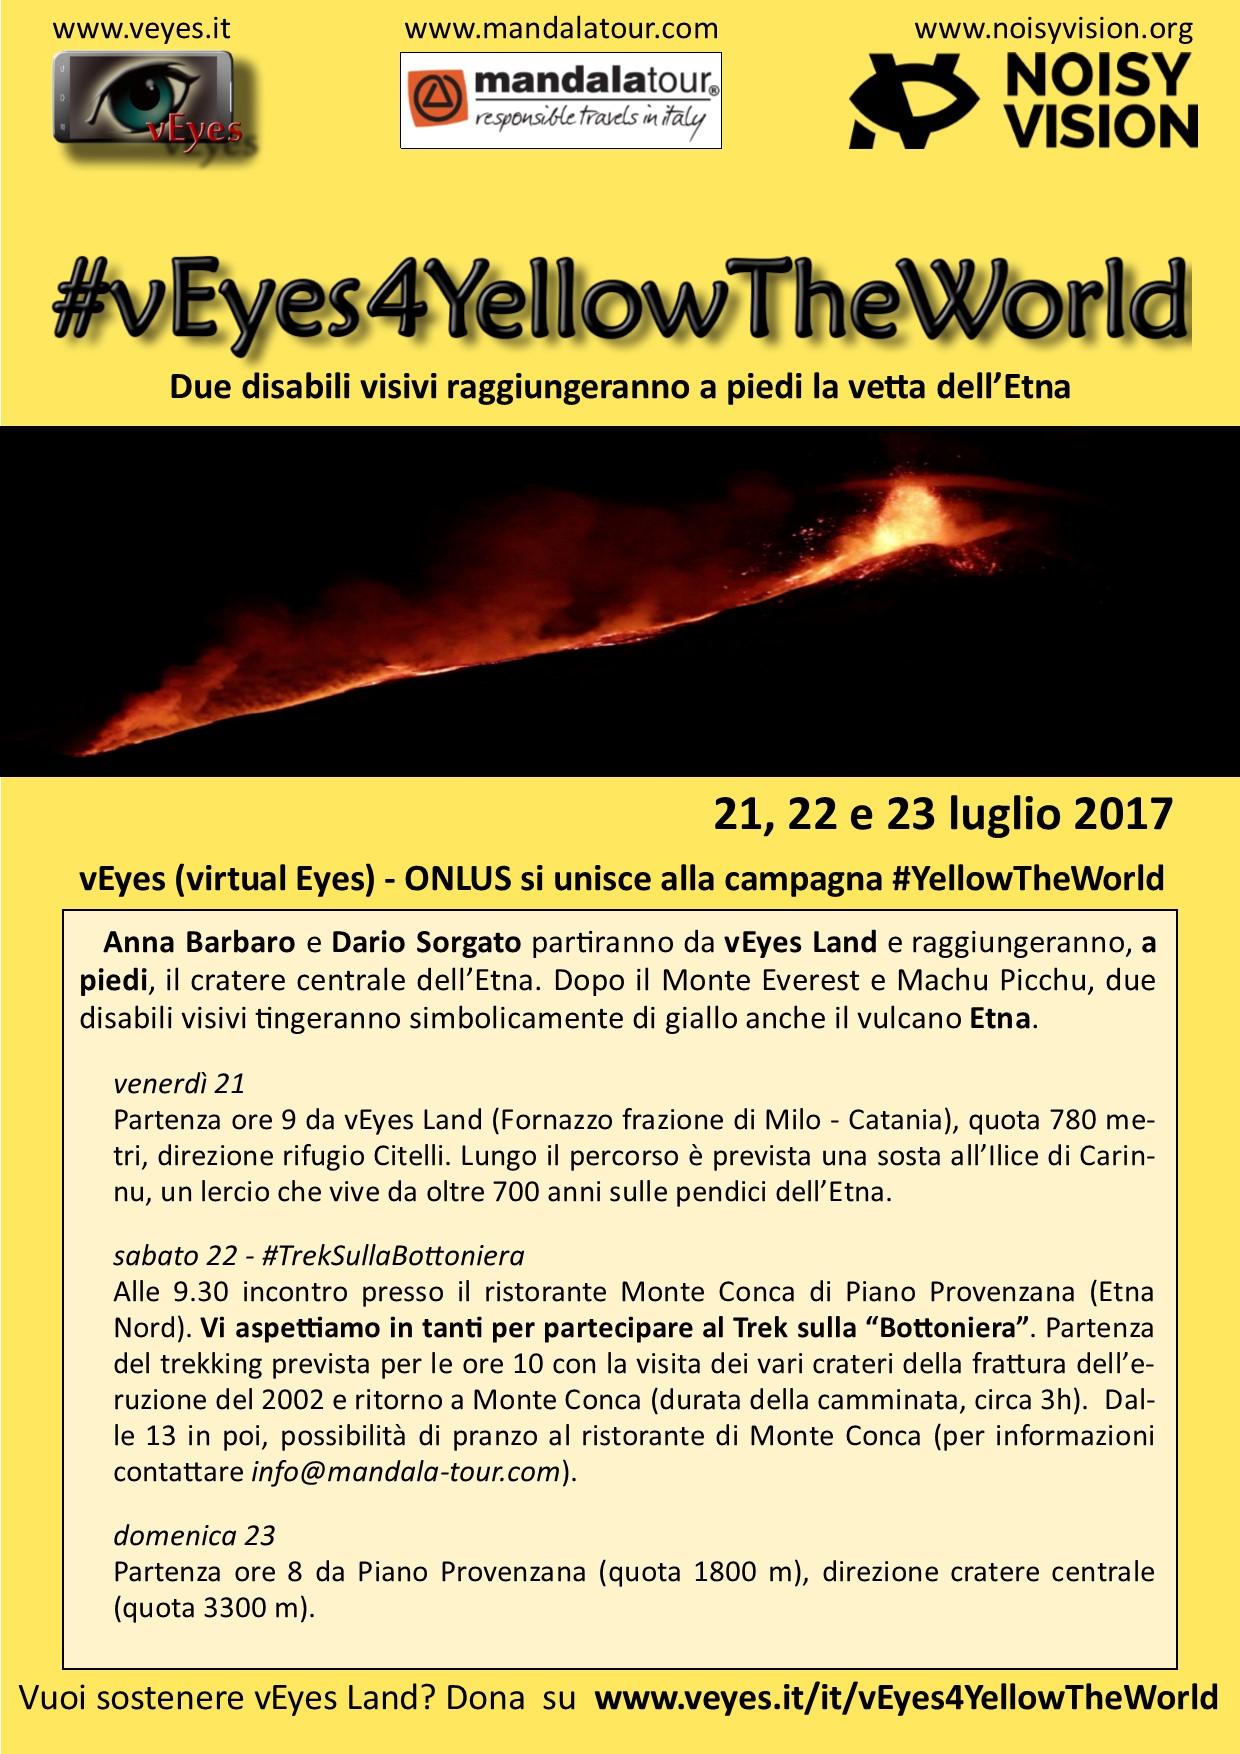 L'immagine mostra la locandina degli eventi dell'iniziativa vEyes4YellowTheWorld